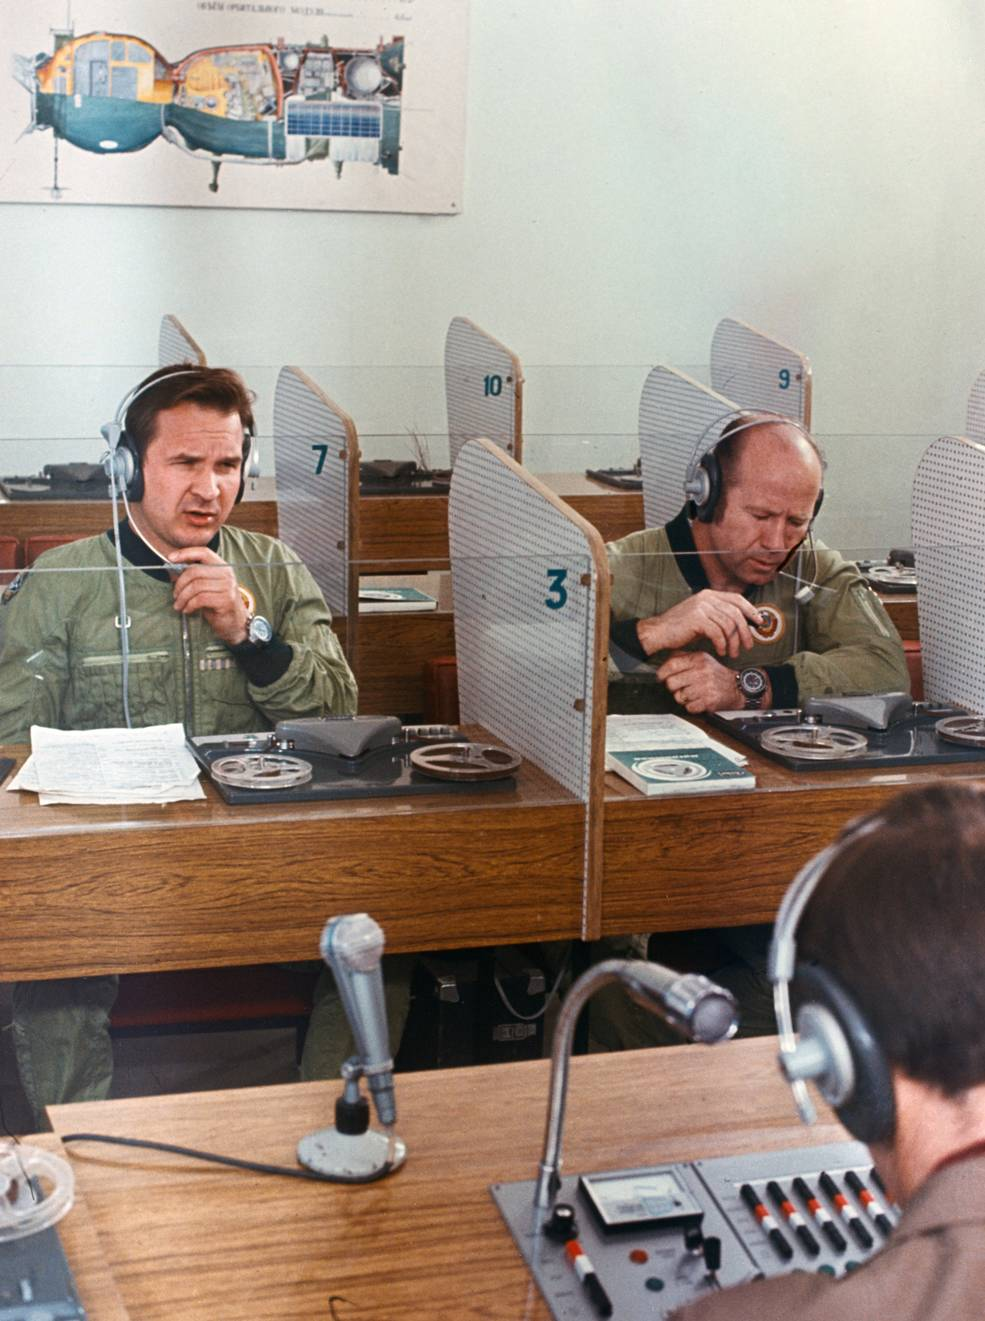 Los cosmonautas soviéticos en clase de inglés.